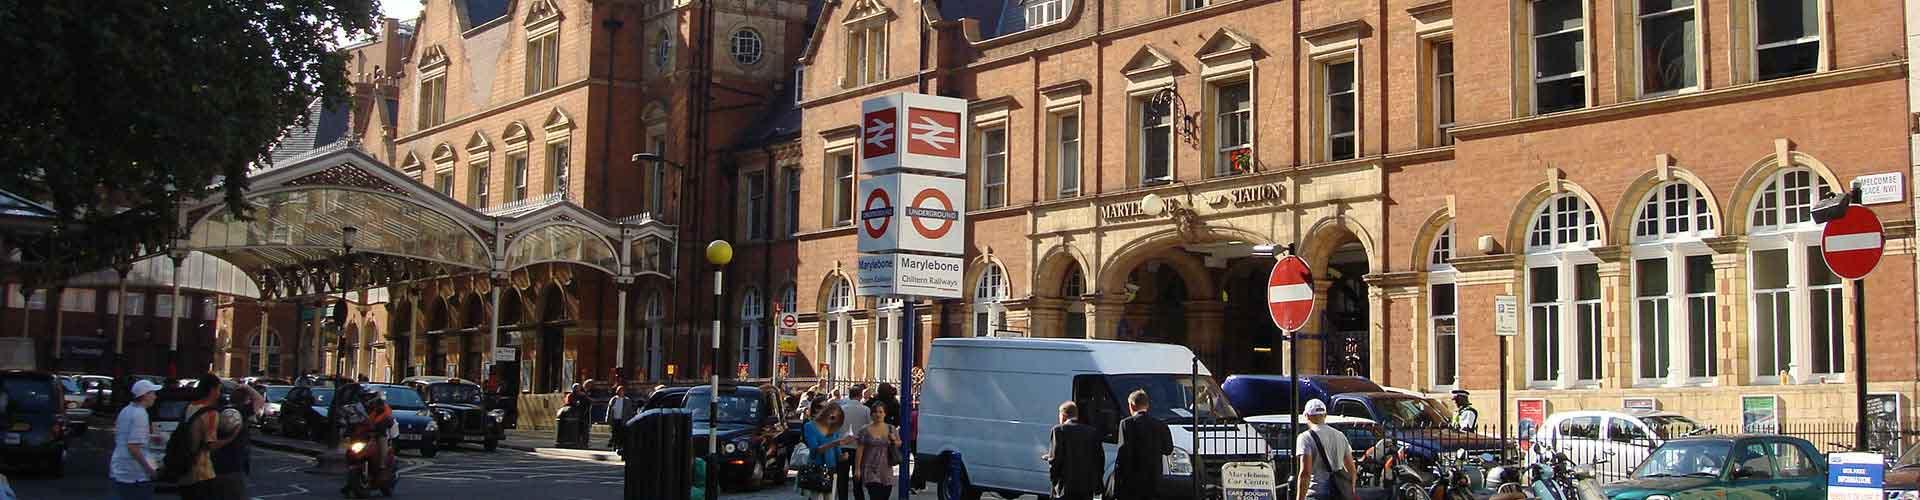 Londres - Albergues Juveniles en el distrito Marylebone . Mapas de Londres, Fotos y Comentarios para cada Albergue Juvenil en Londres.